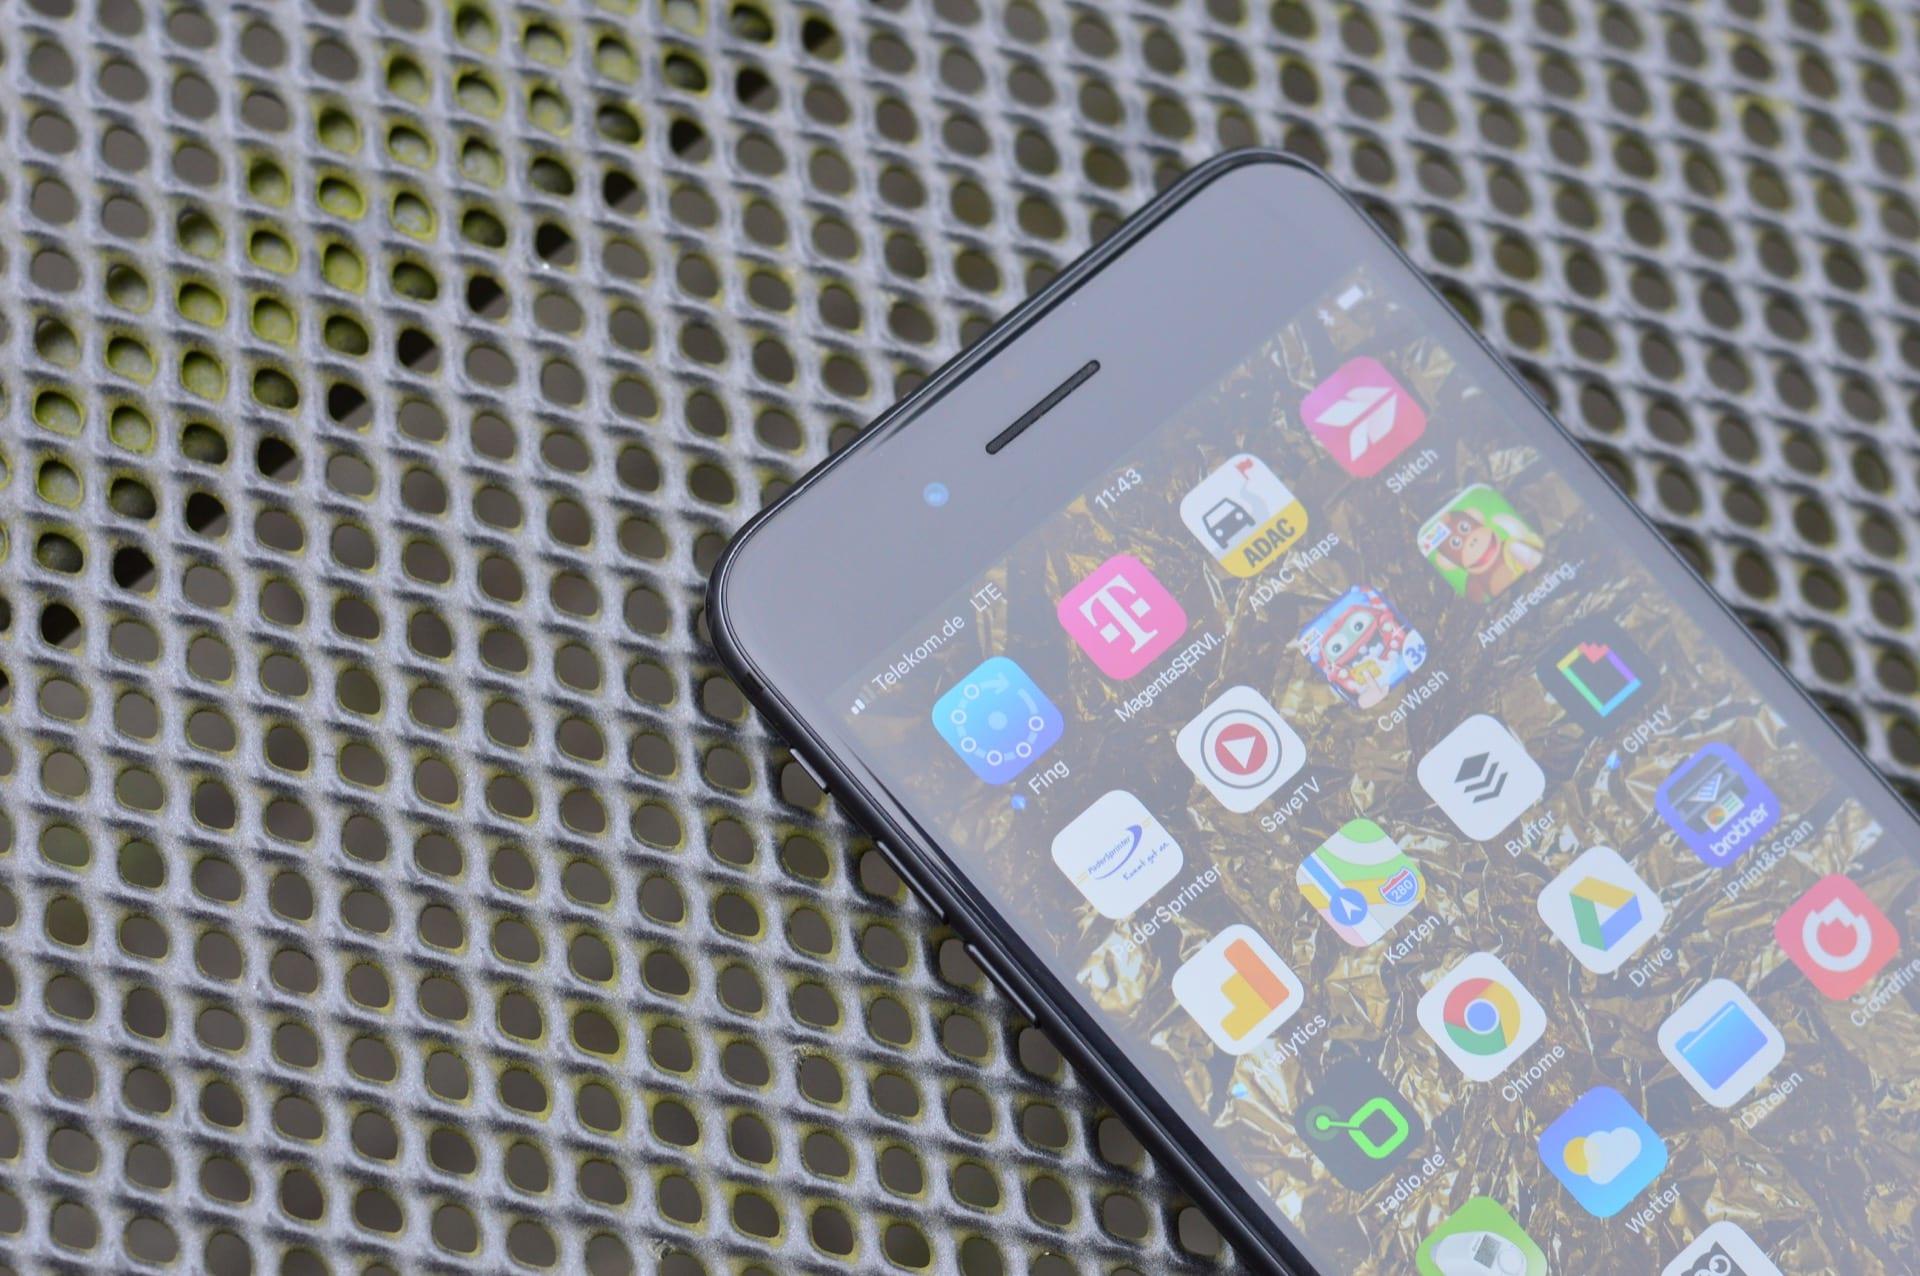 Maximales Signal am iPhone draußen im Garten